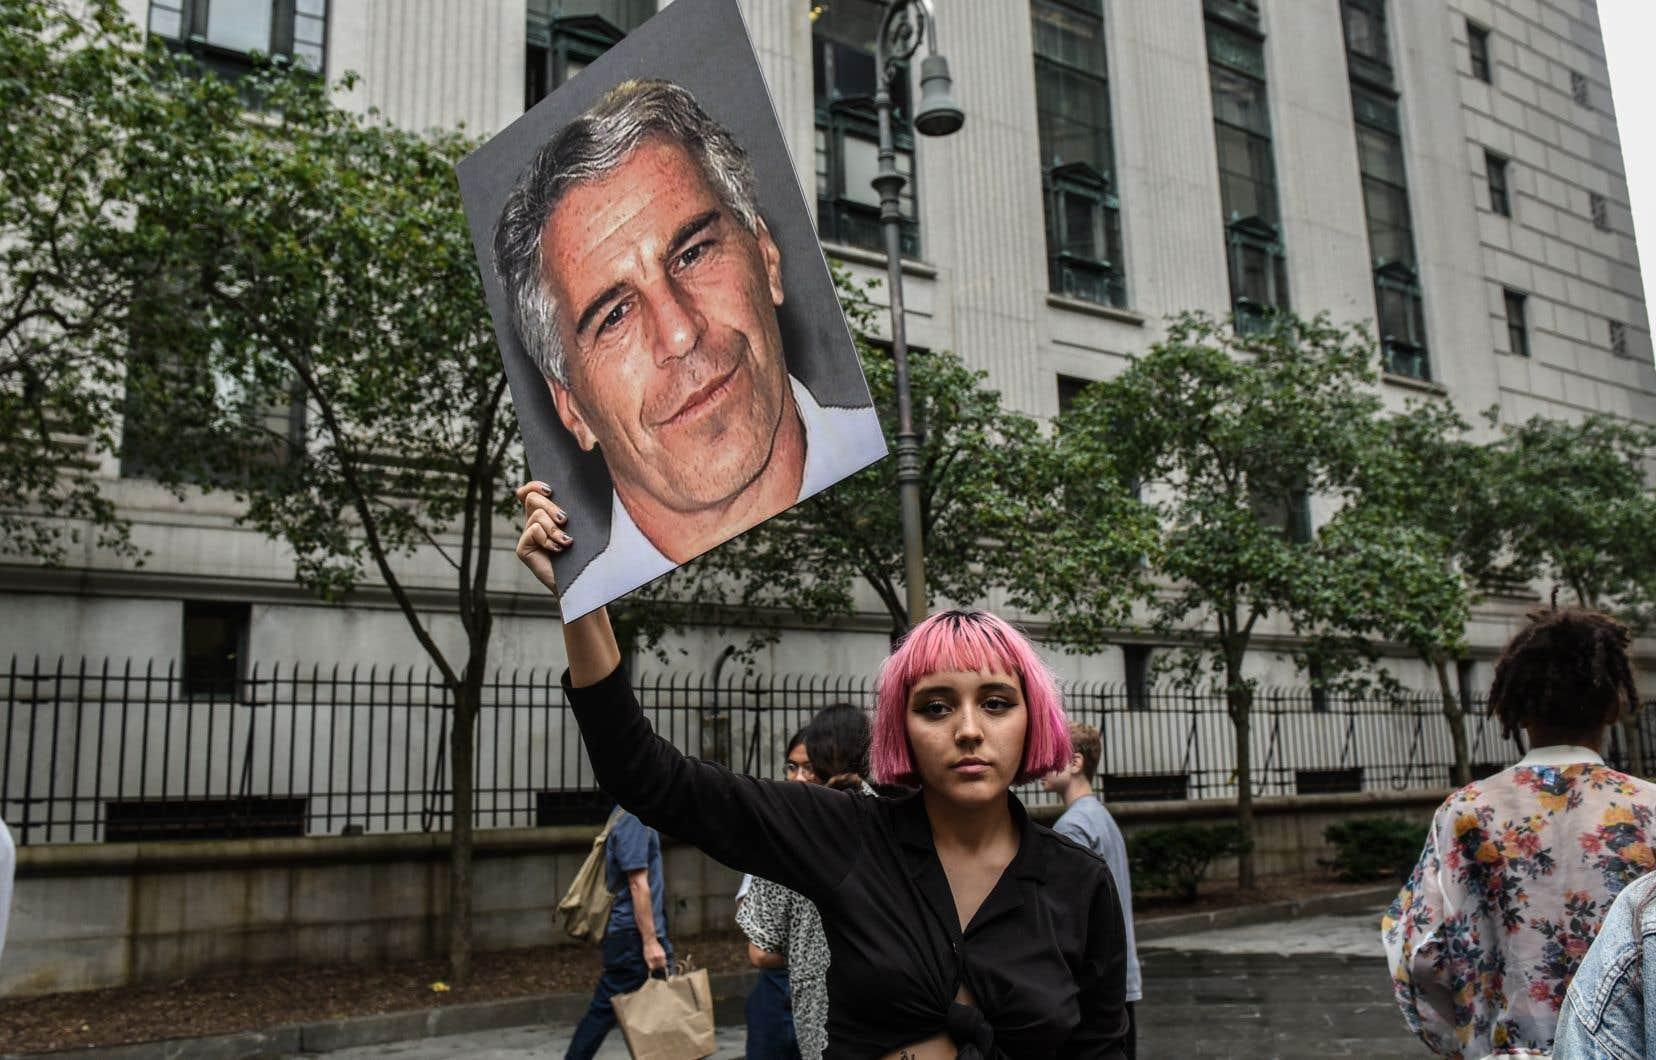 Le décès du financier, qui était en attente de son procès pour exploitation sexuelle, a suscité un torrent d'interrogations et de théories du complot.